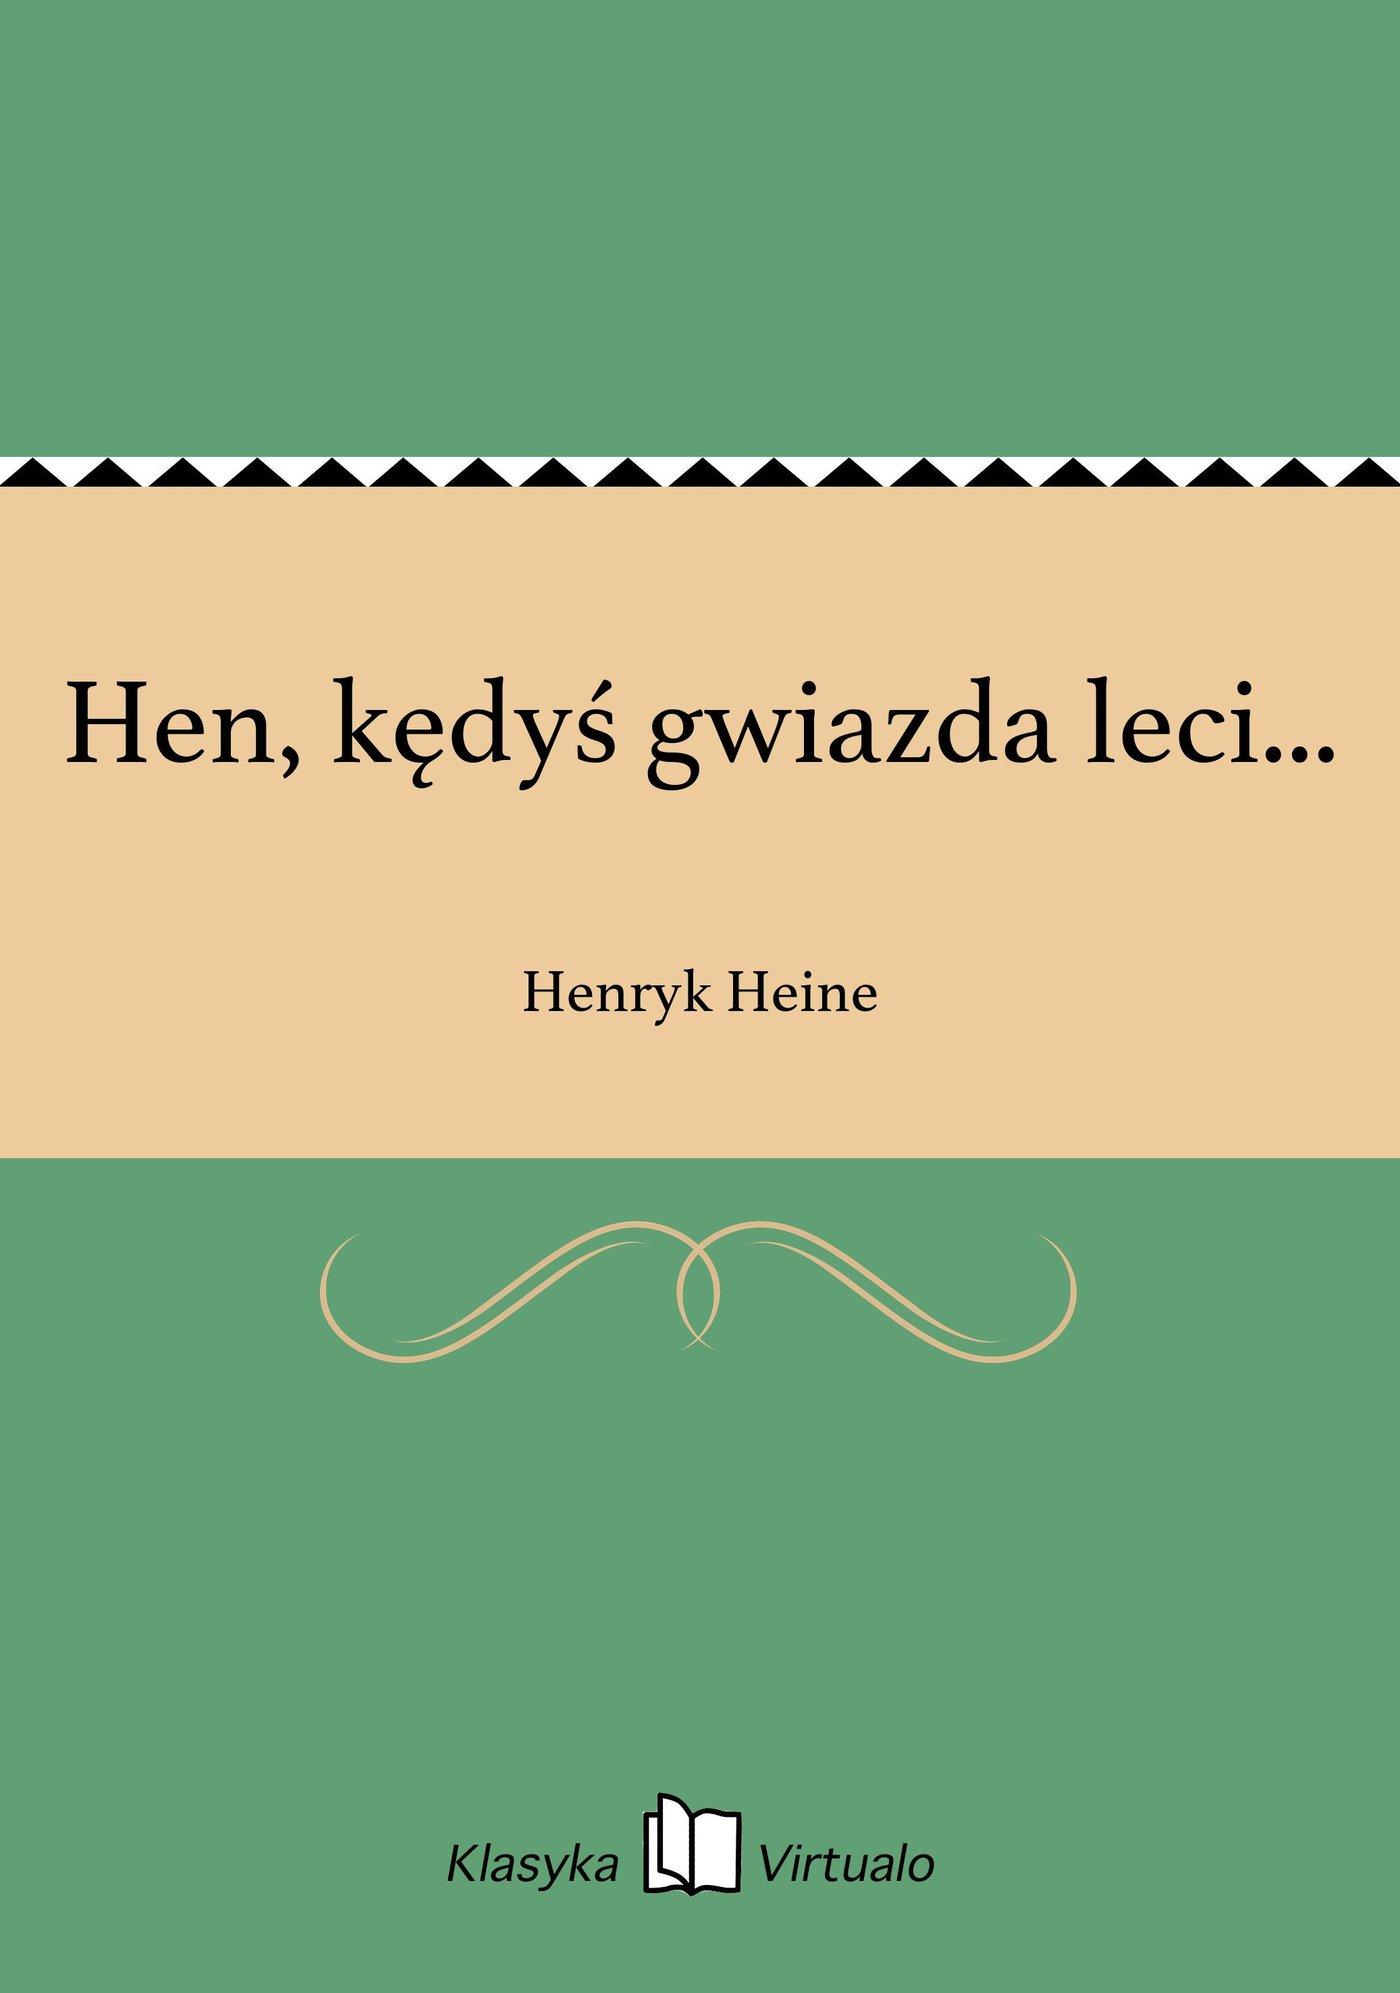 Hen, kędyś gwiazda leci... - Ebook (Książka EPUB) do pobrania w formacie EPUB